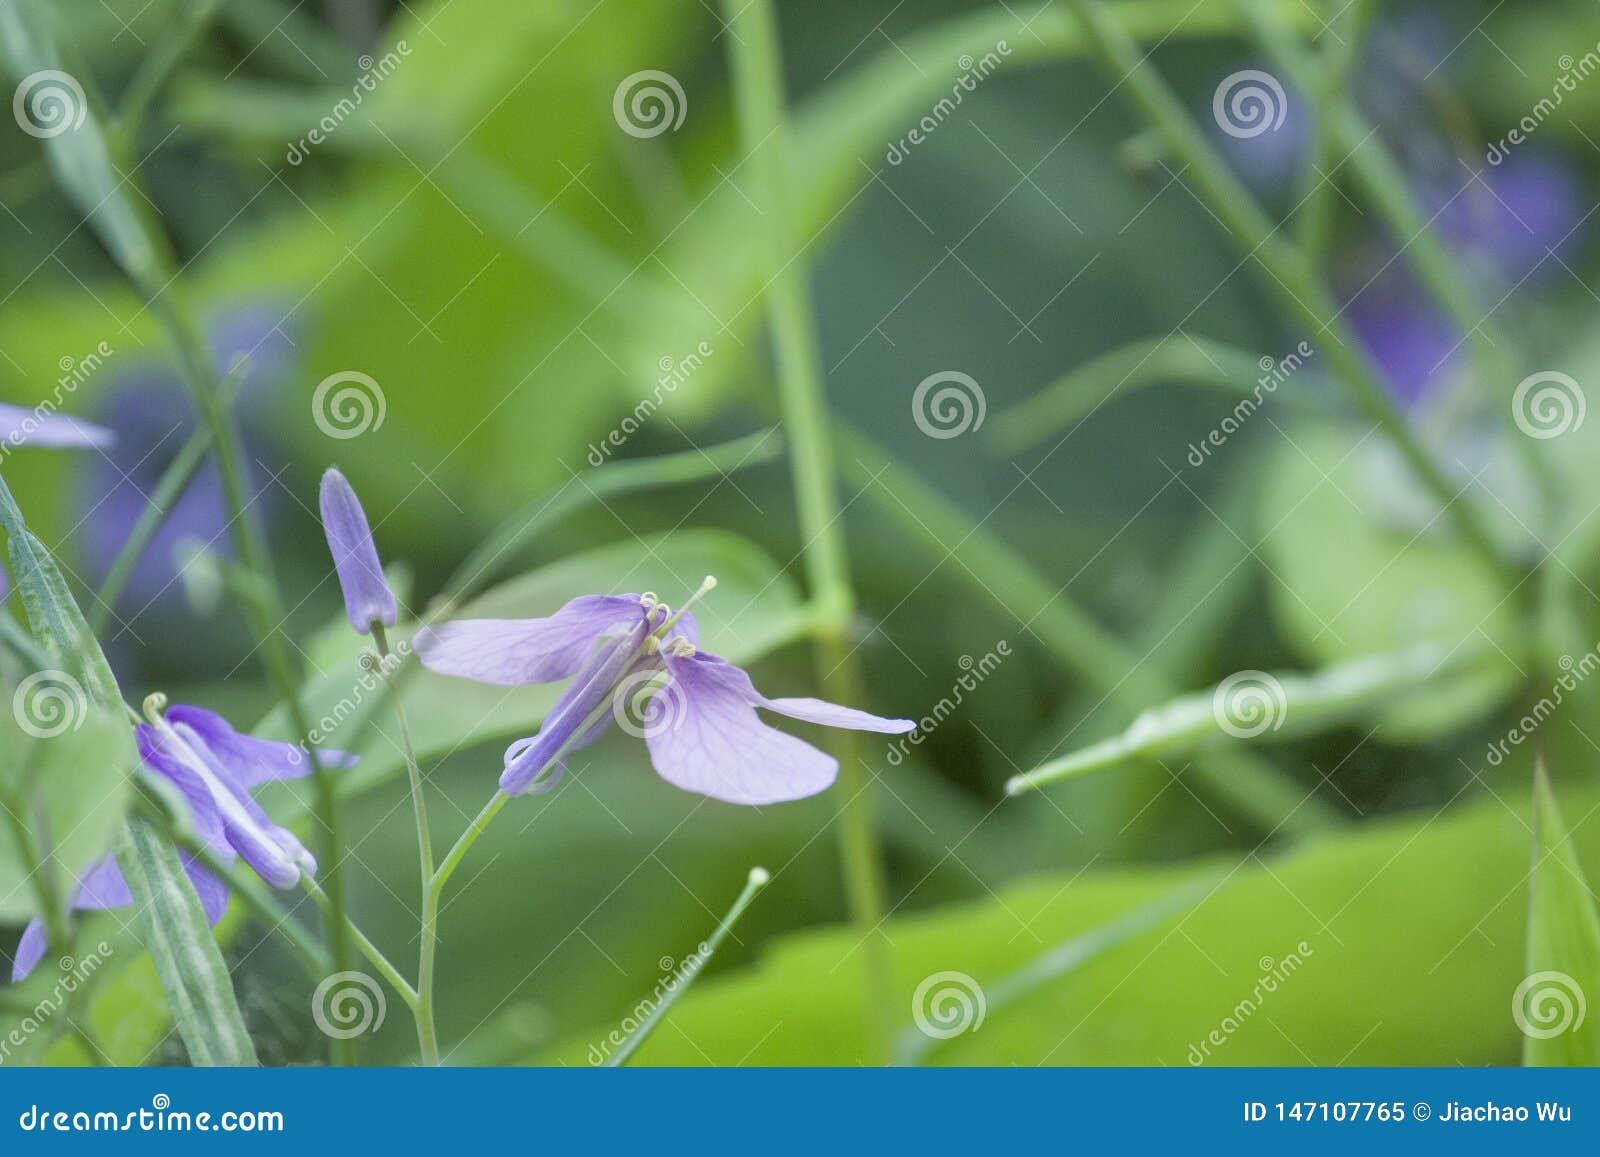 Colorful iris orchid purple florets